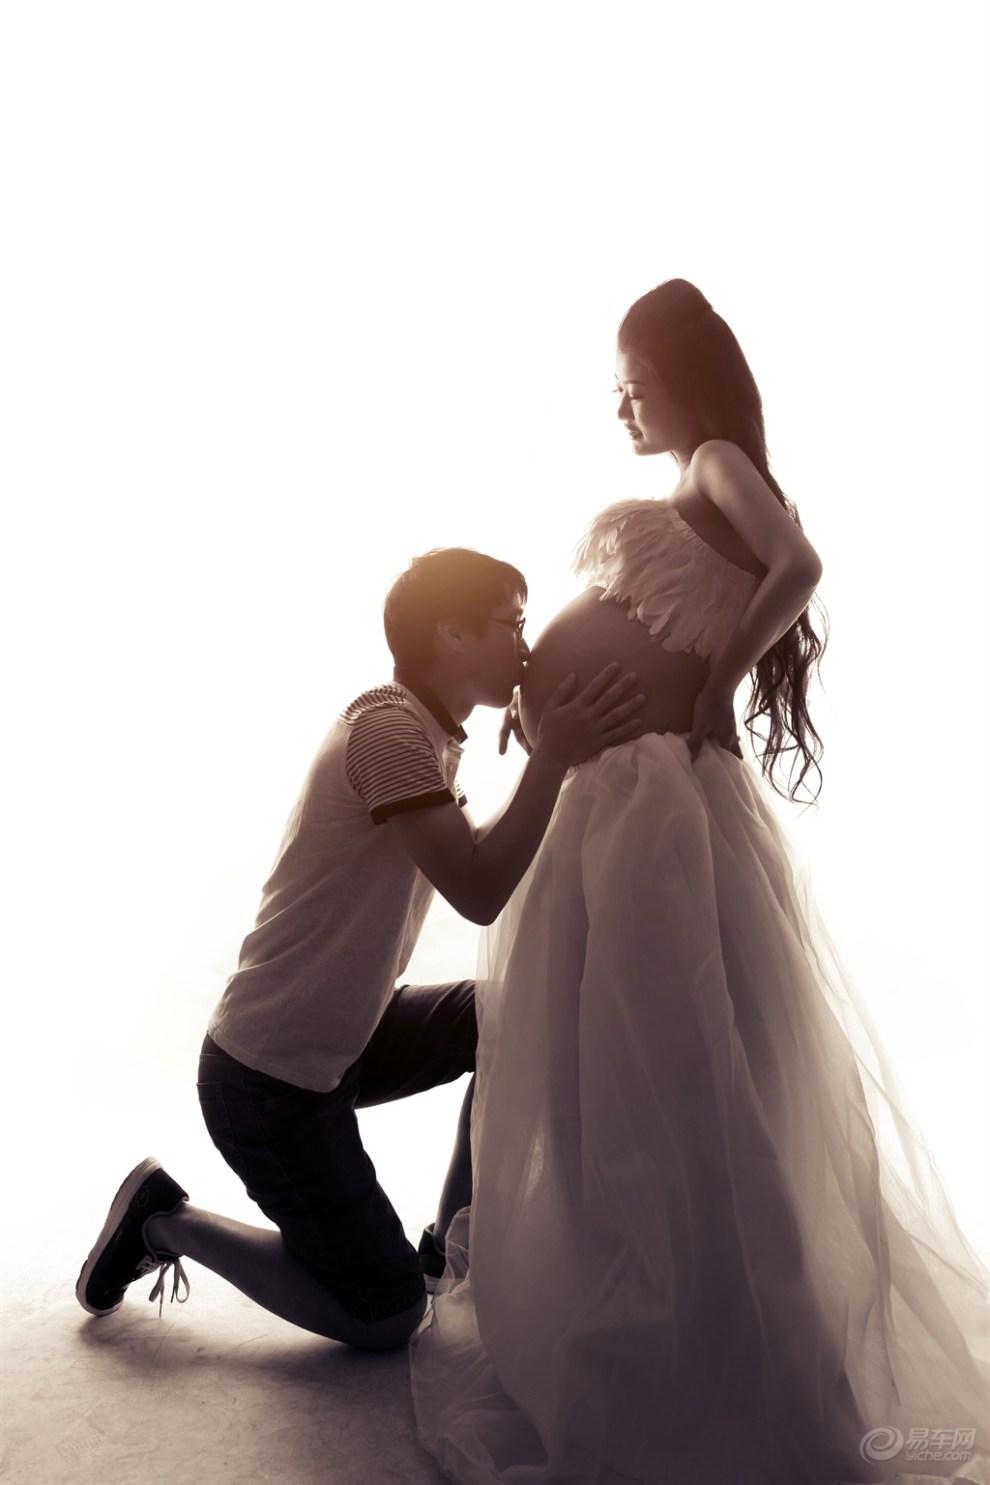 【魅力佳人】美女媳妇毛毛的孕妇照图片